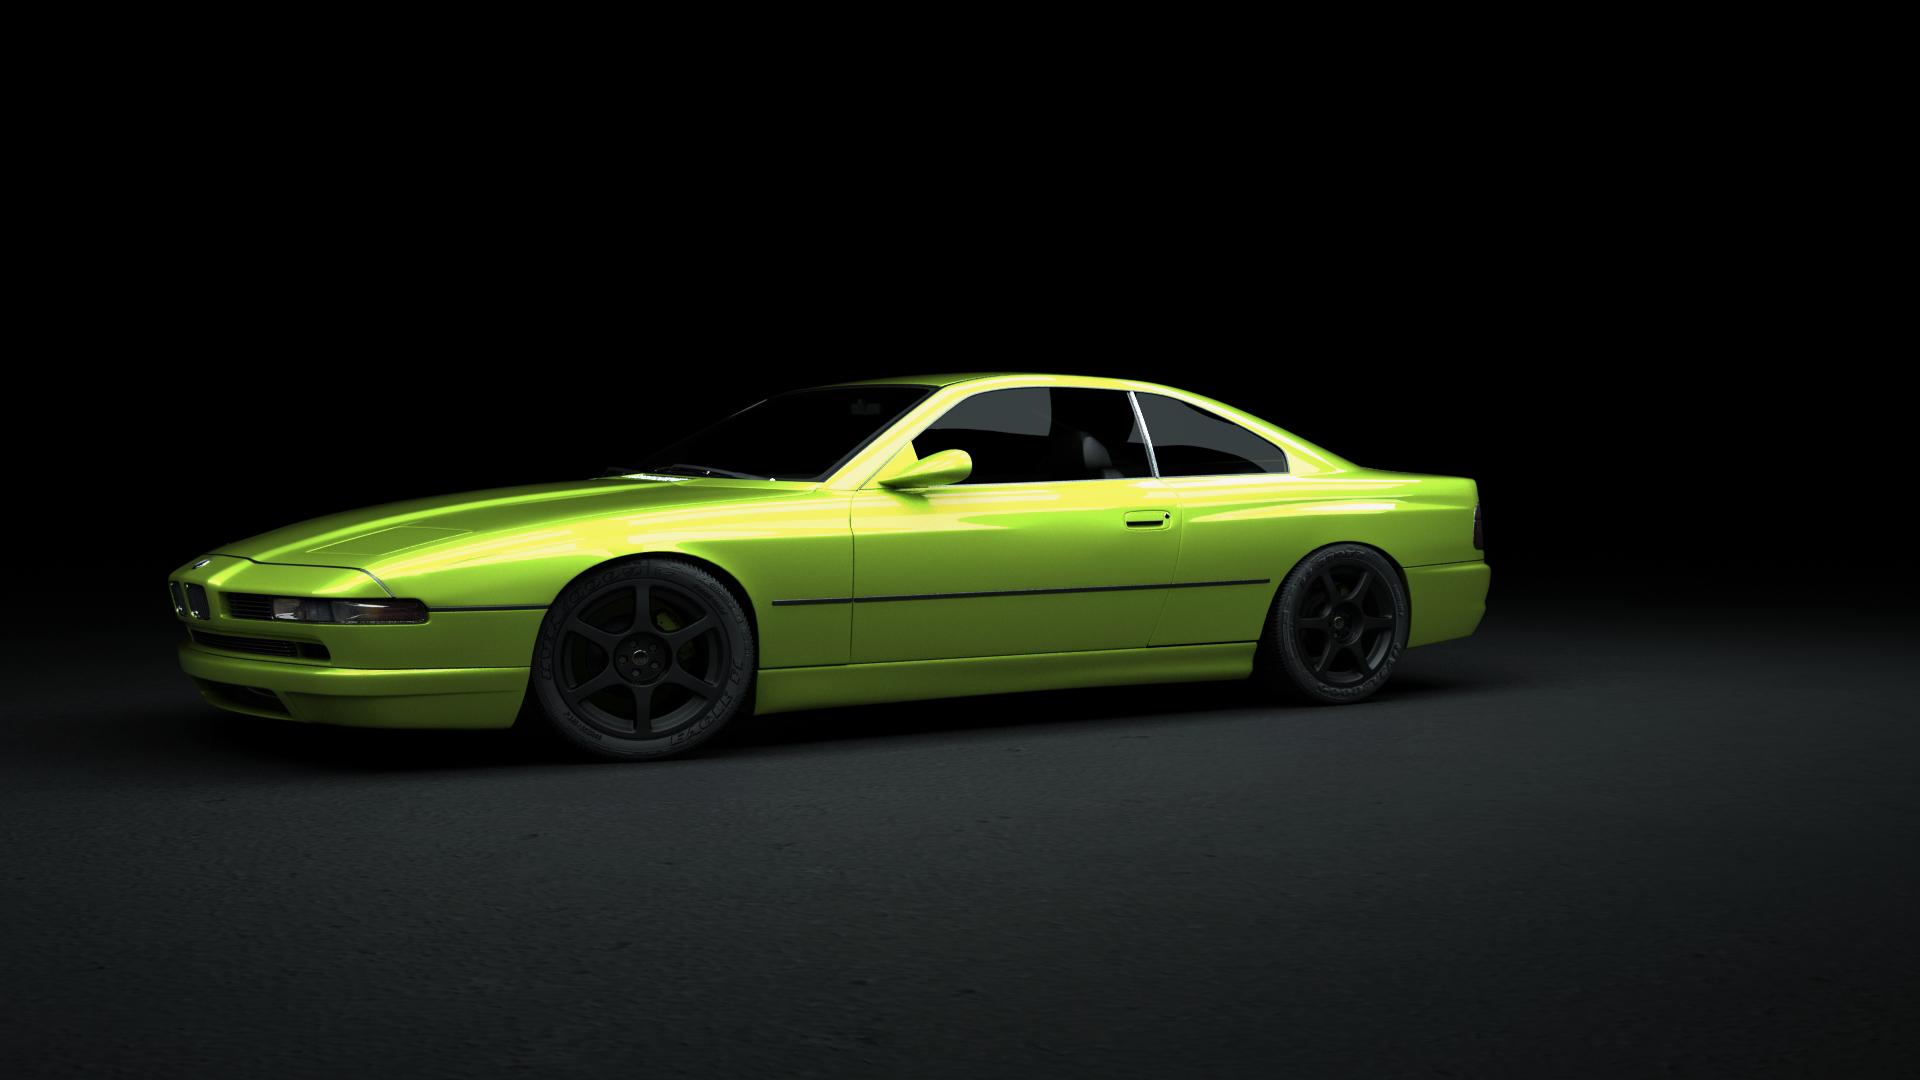 BMW 850 Csl By Koxy911